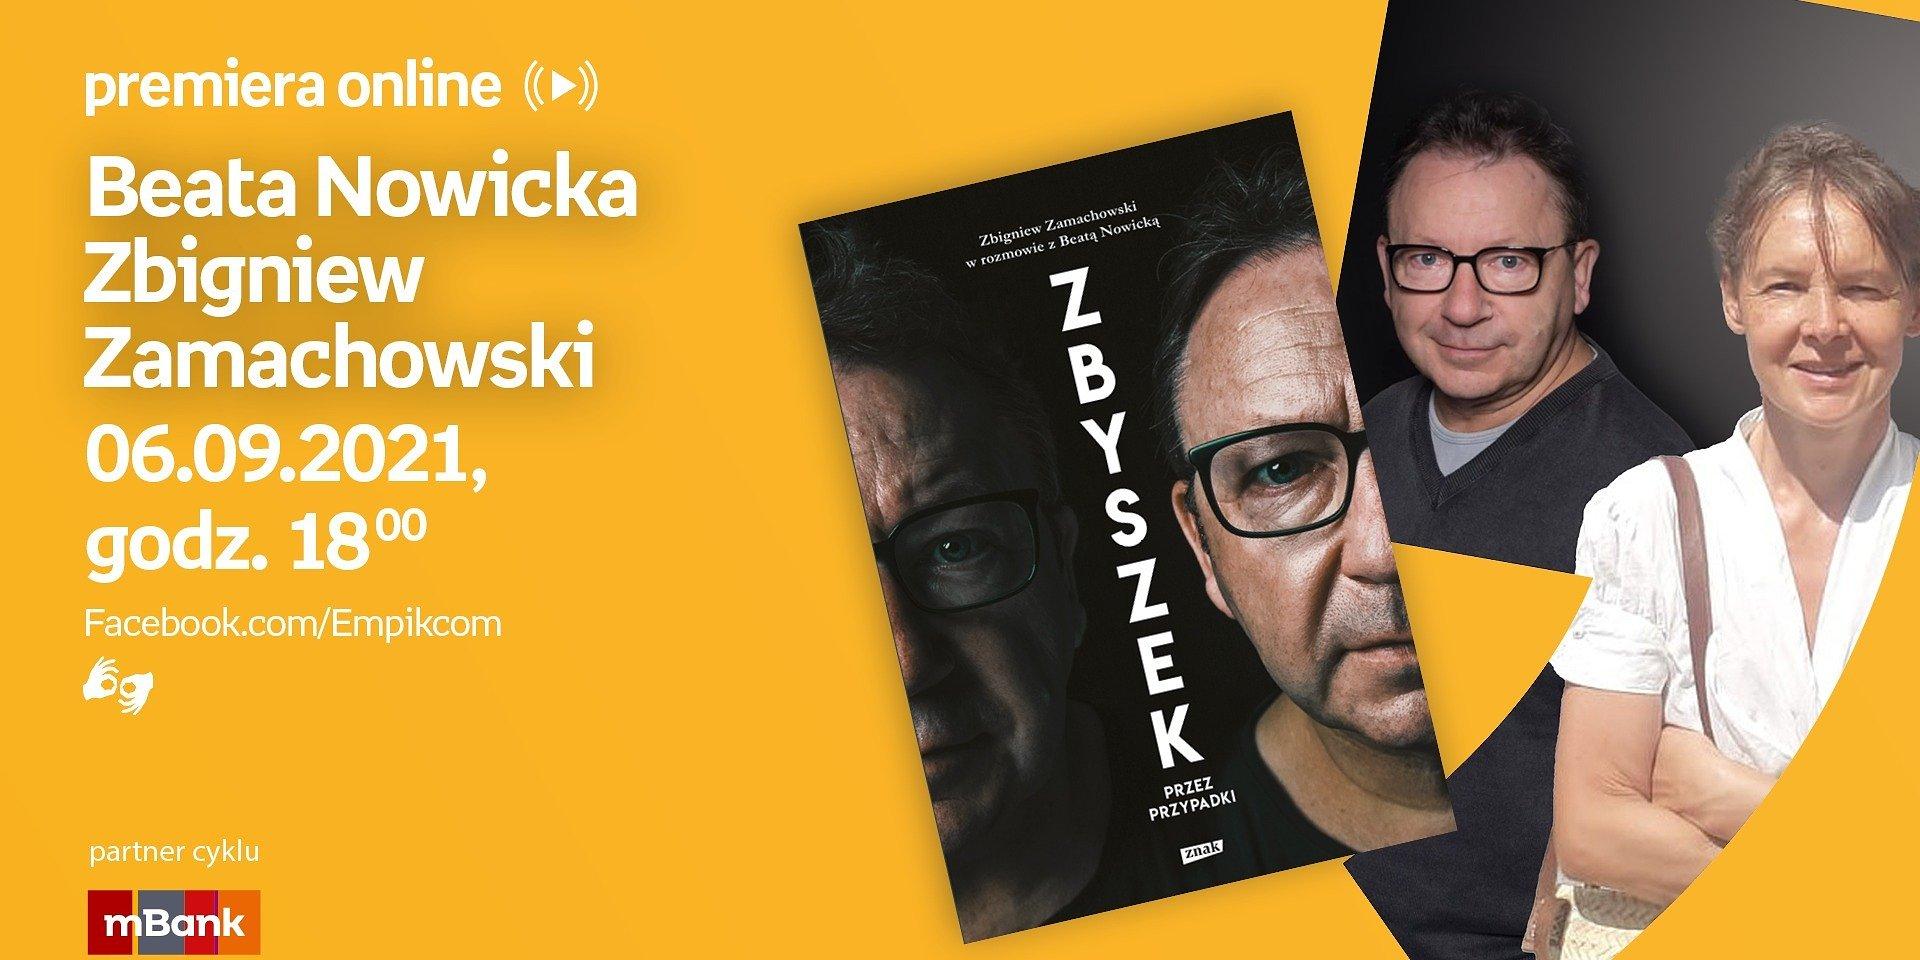 Zbigniew Zamachowski, Beata Nowicka oraz Małach bohaterami wrześniowych spotkań z cyklu Premiera online